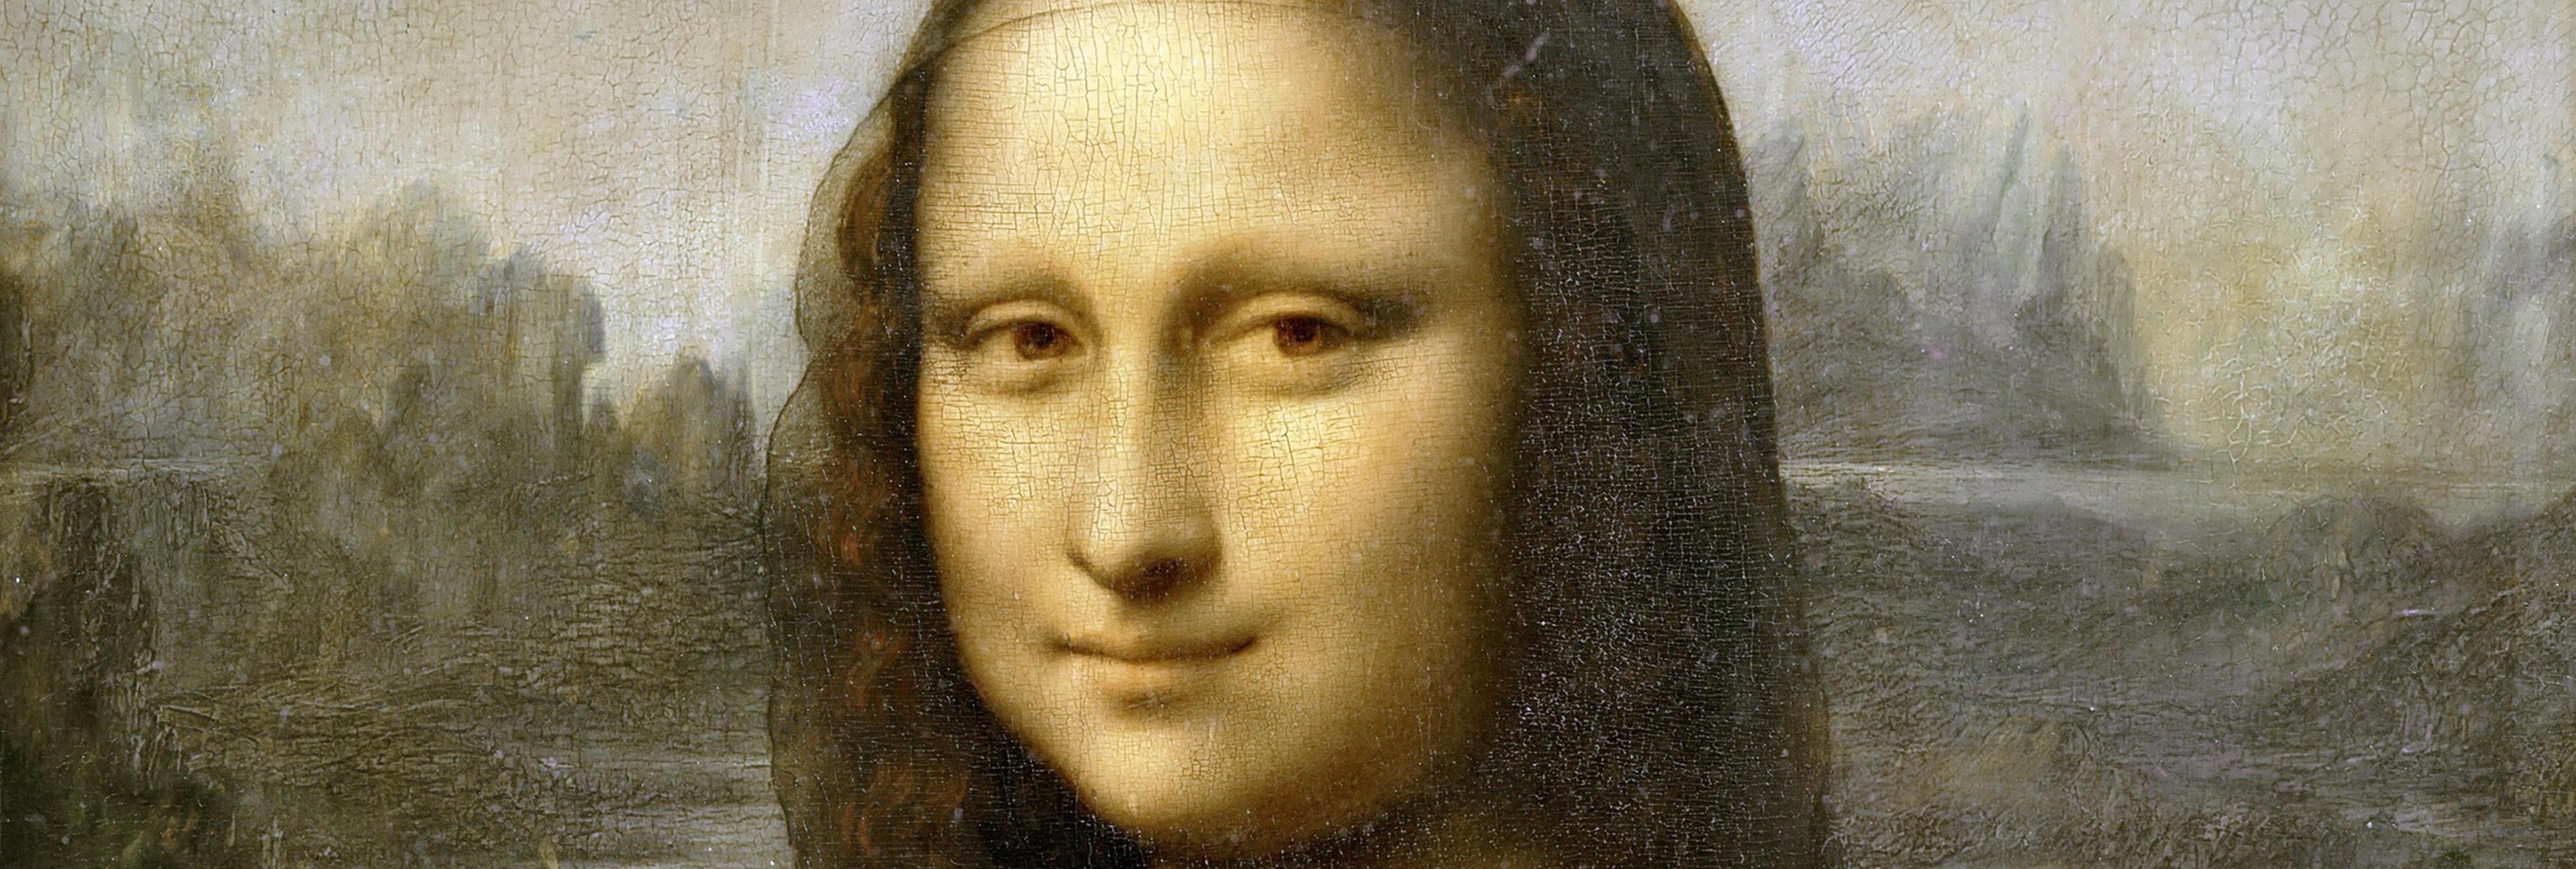 Descifran por fin el significado de la sonrisa de la Mona Lisa